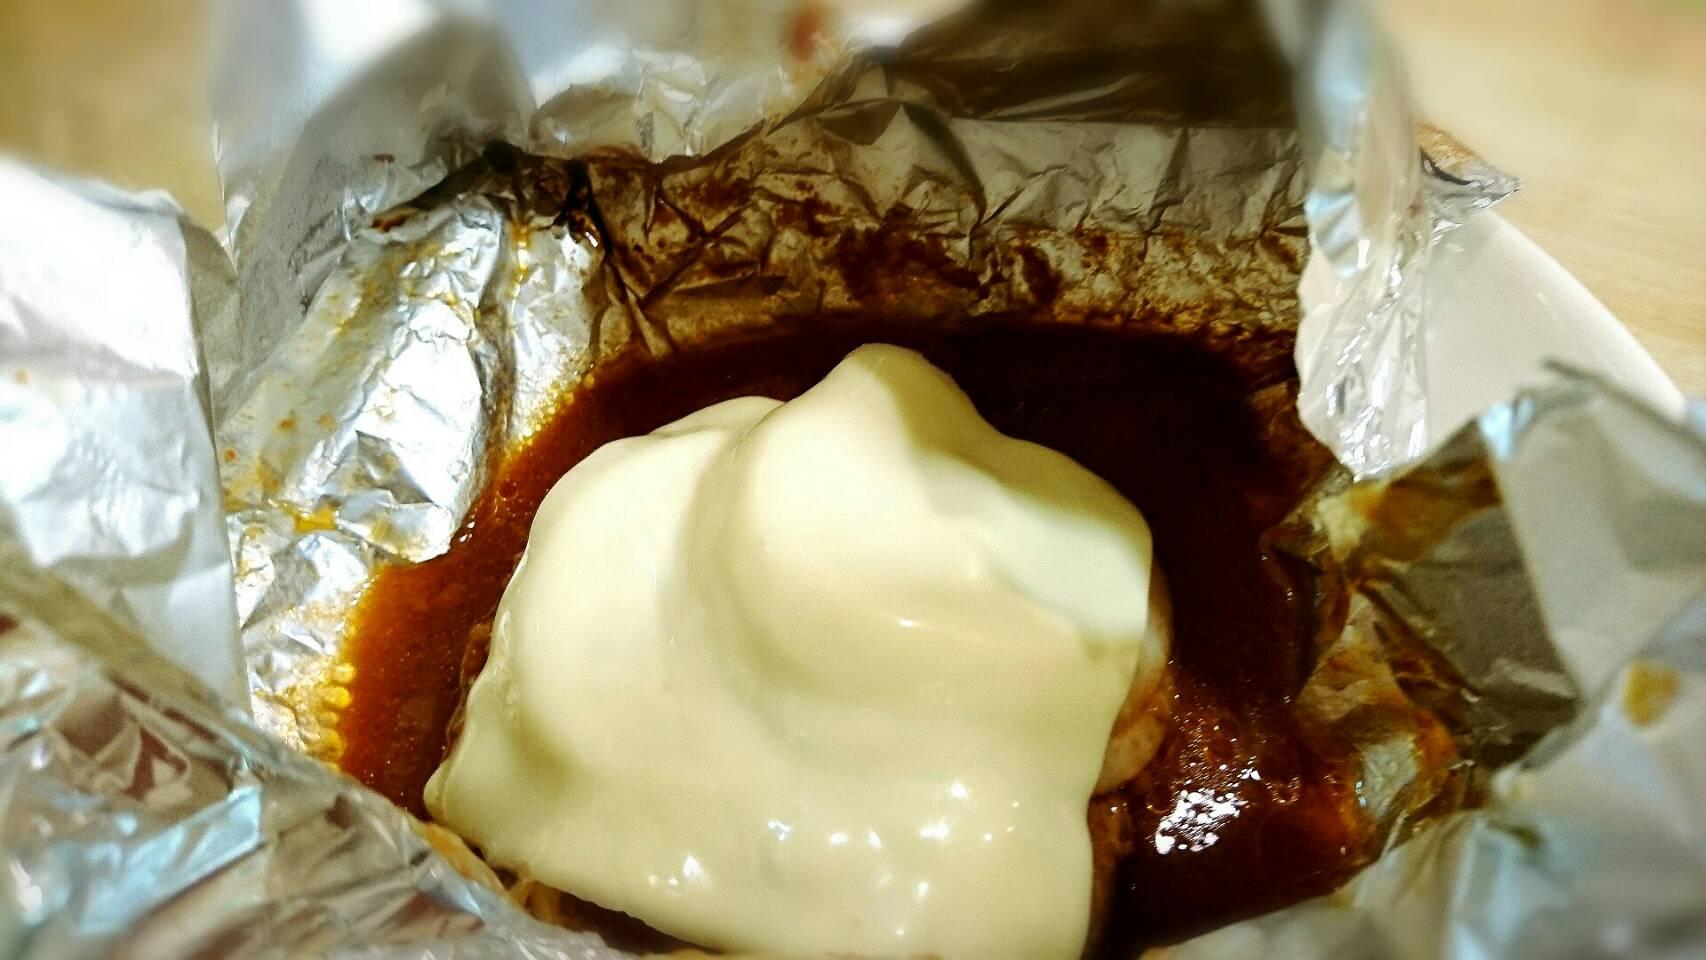 冷凍保存しておいたカチコチのハンバーグを解凍することなく一瞬で本格的な包み焼きハンバーグに変身させる方法